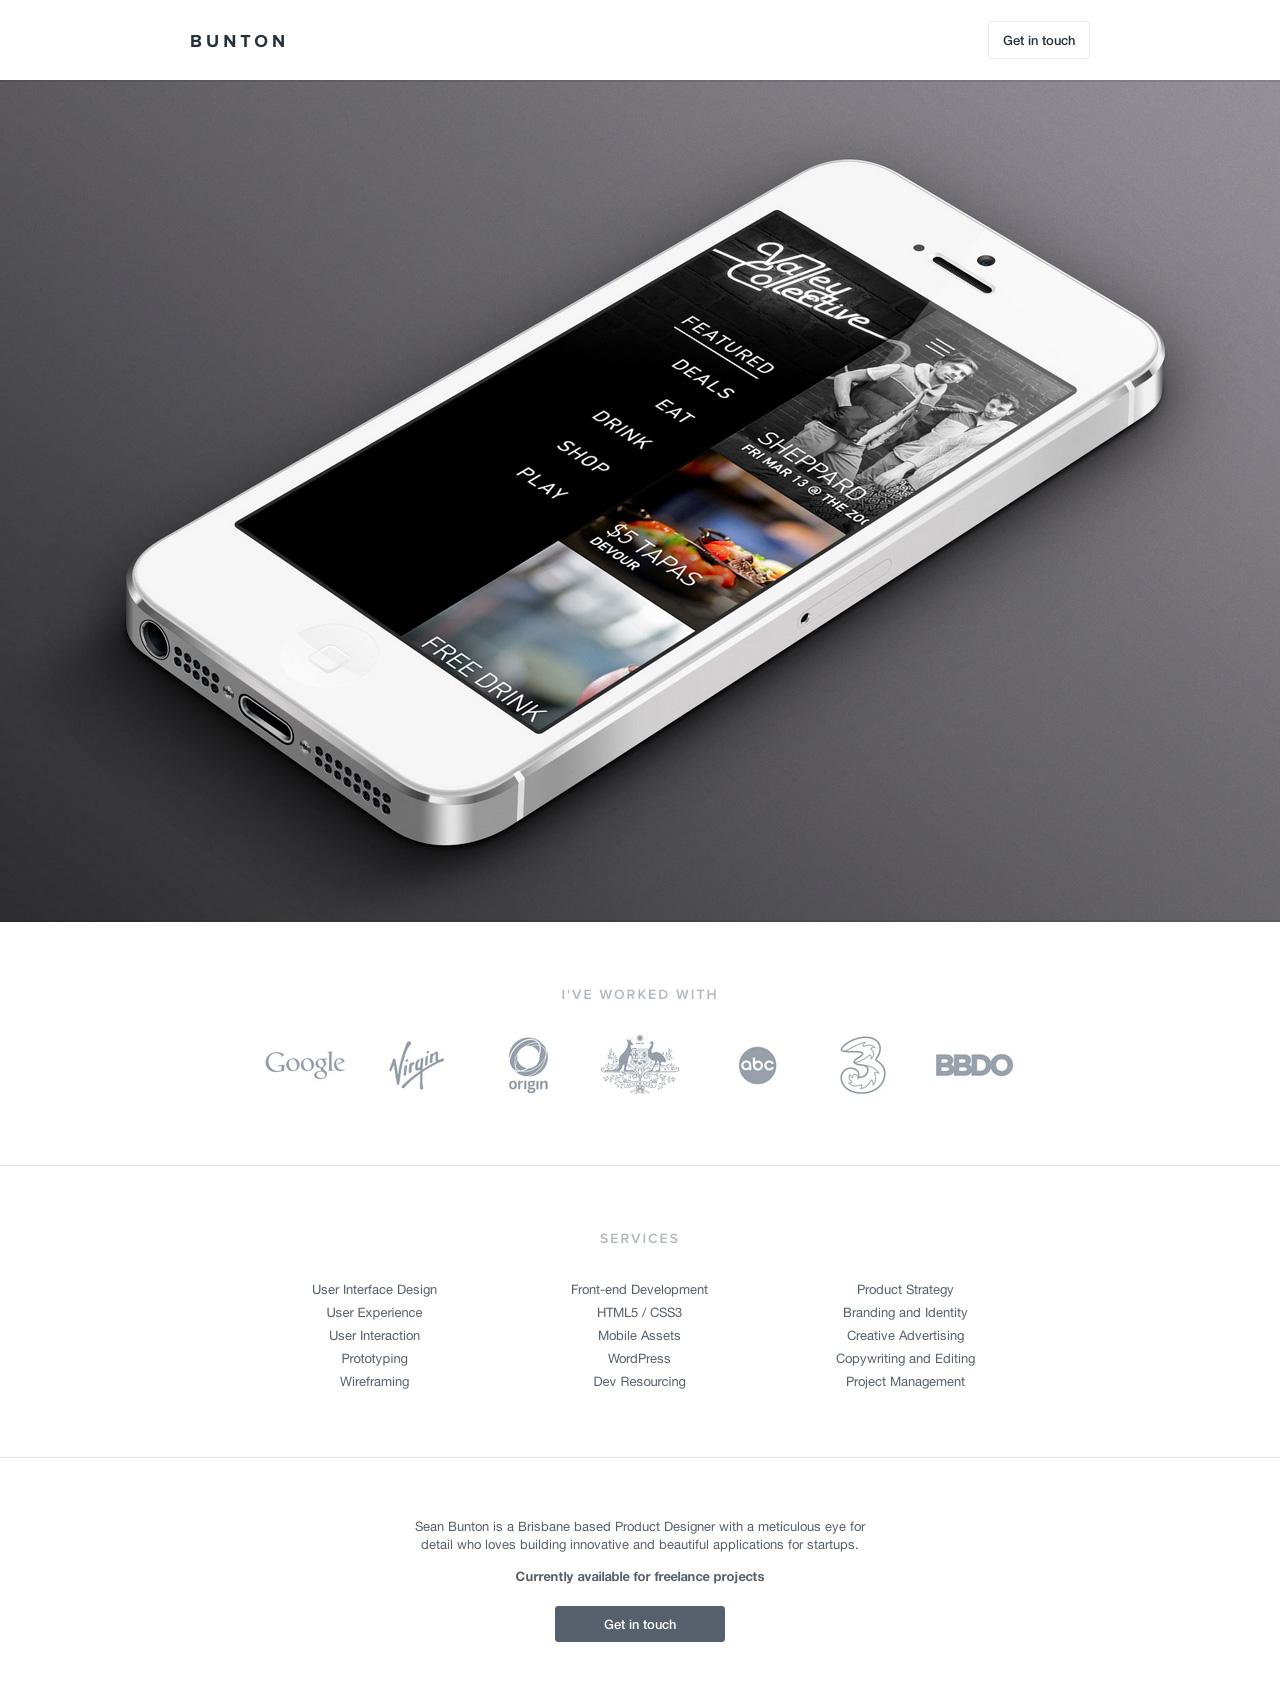 Sean Bunton Website Screenshot